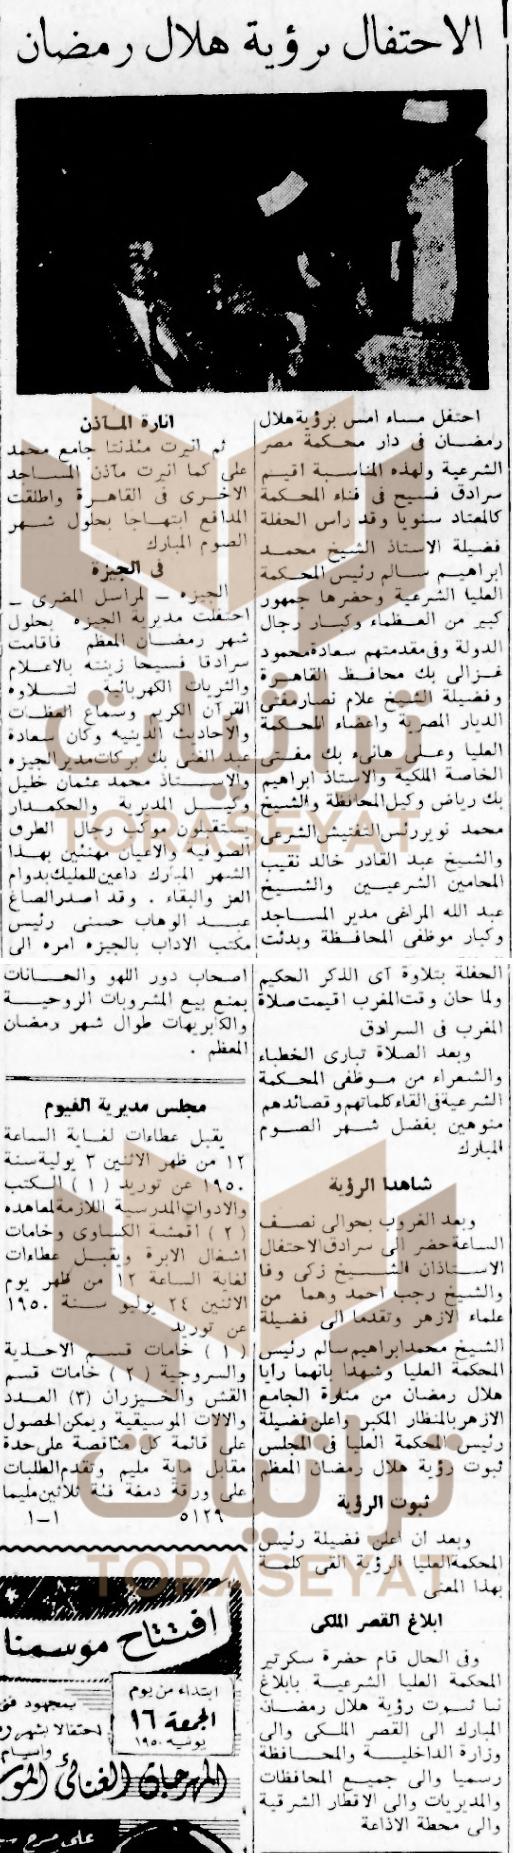 خبر عن بدء شهر رمضان عام 1369 م يوم 15 يونيو 1950 م